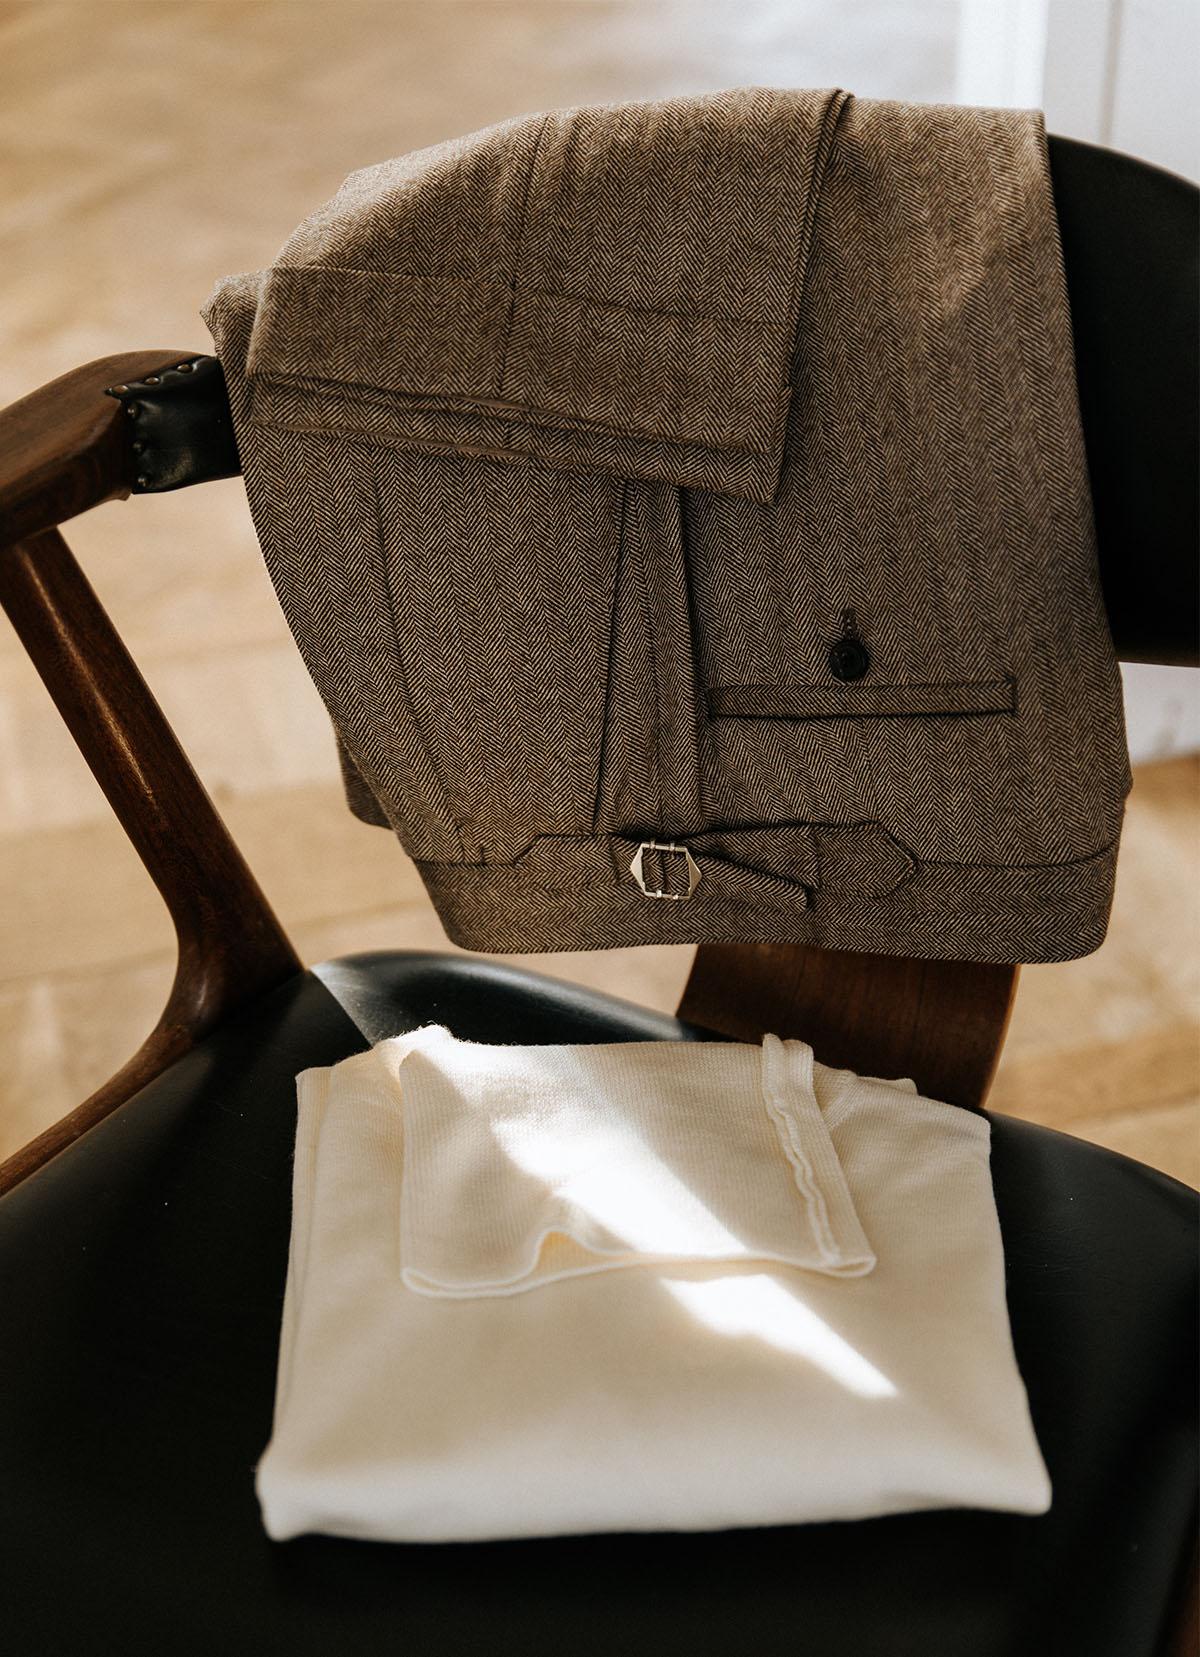 creme coltrui met bruine pantalon zijtrekkers